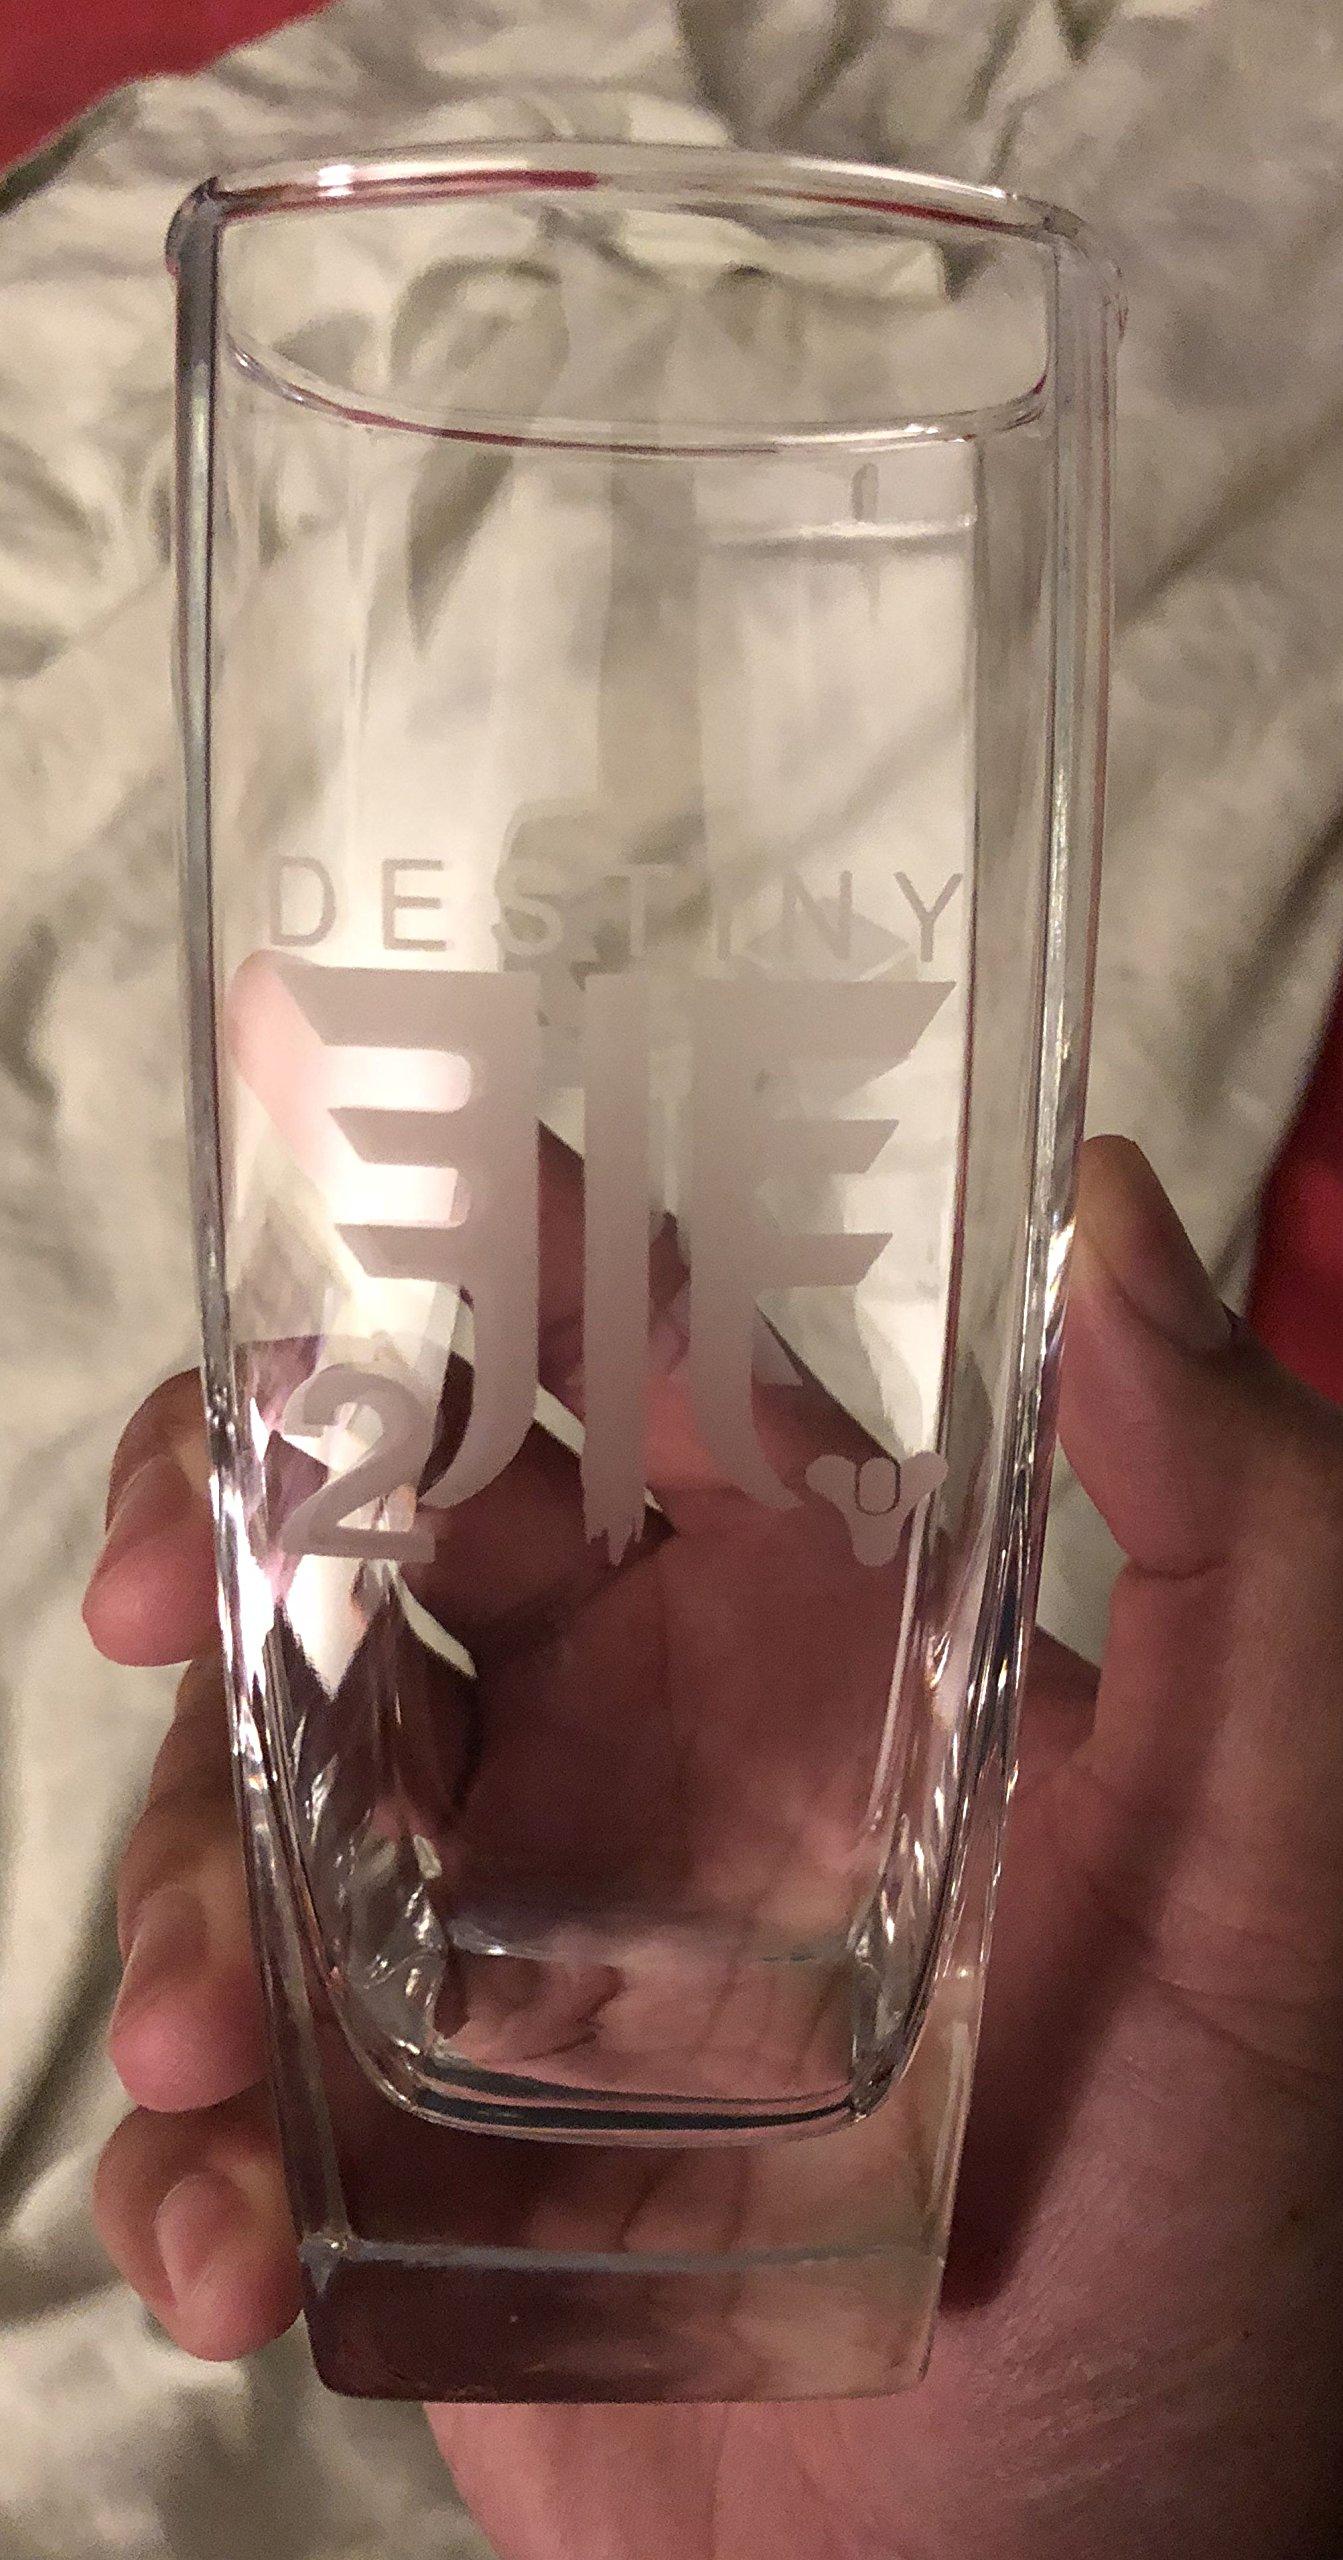 Destiny 2 Forsaken Icons Tall Drinking Glass